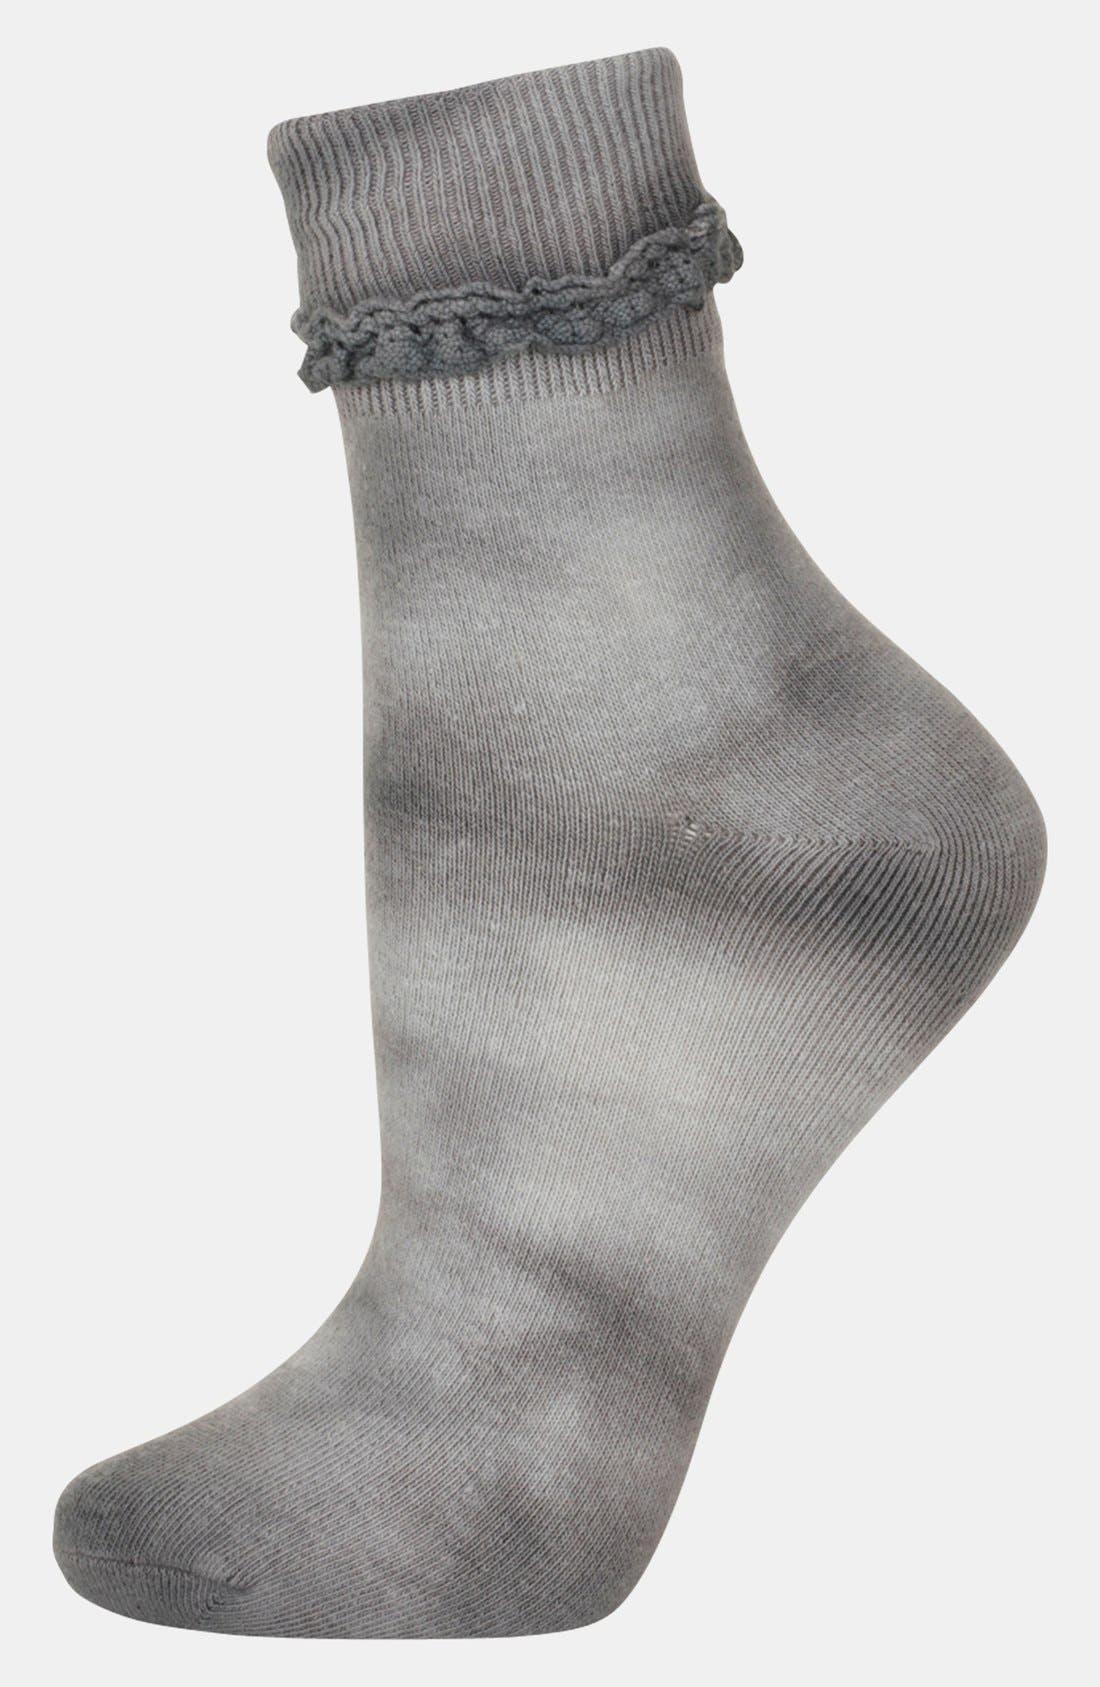 Alternate Image 1 Selected - Topshop Tie Dye Ankle Socks